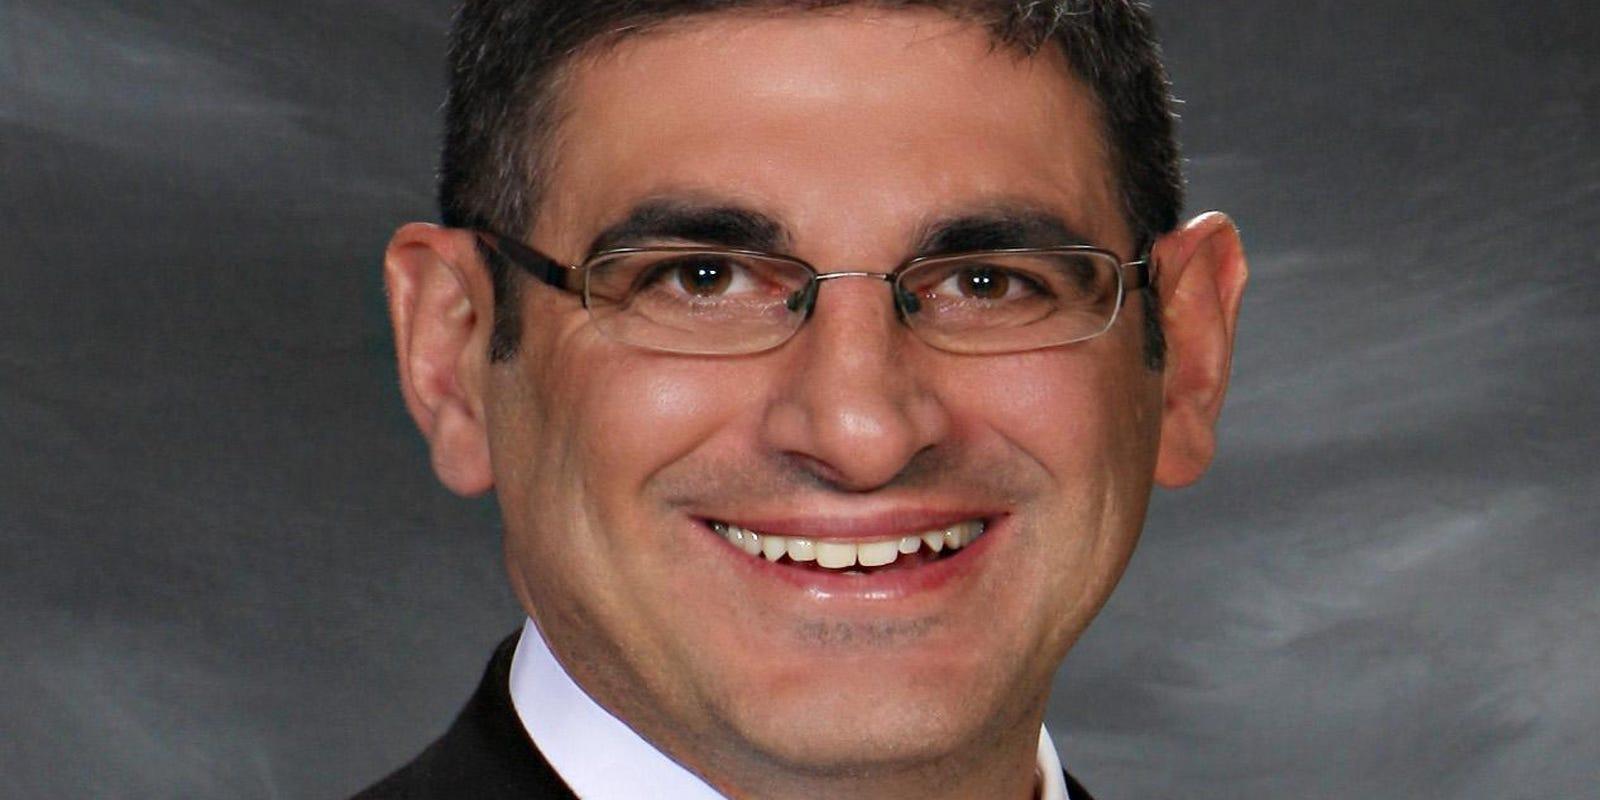 City Councilman Joe Gatto to run for reelection in Des Moines' Ward 4